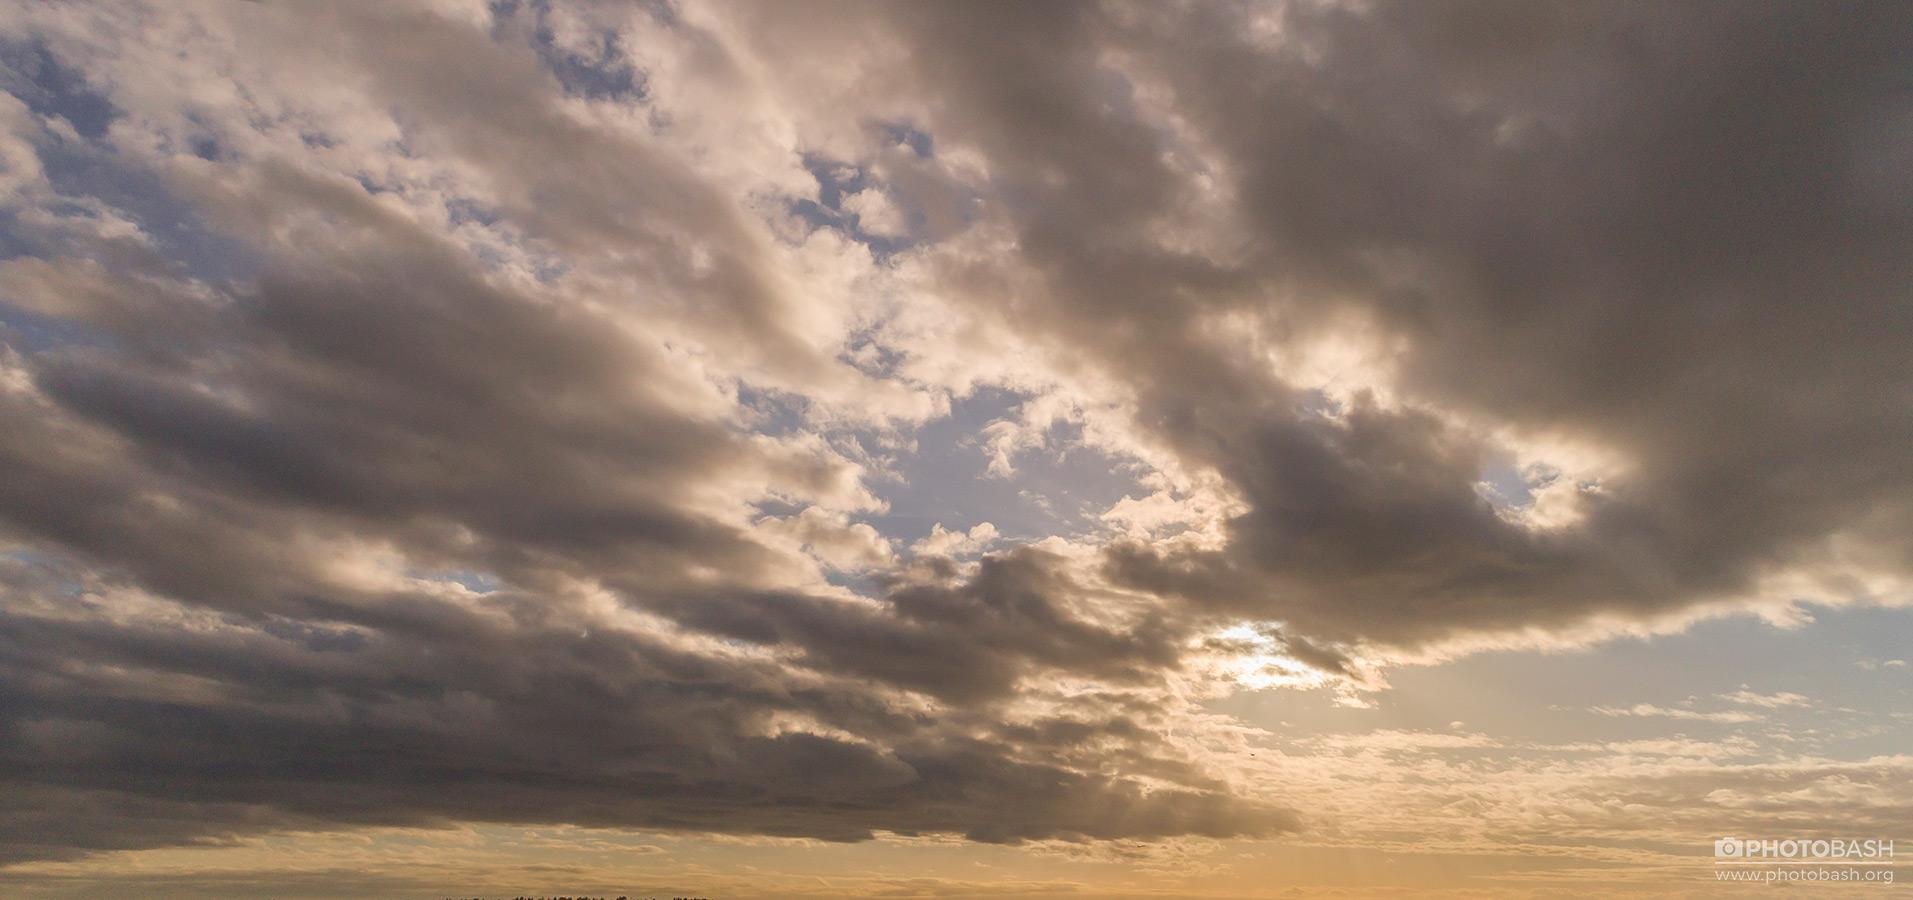 تصاویر رفرنس طلوع و غروب خورشید